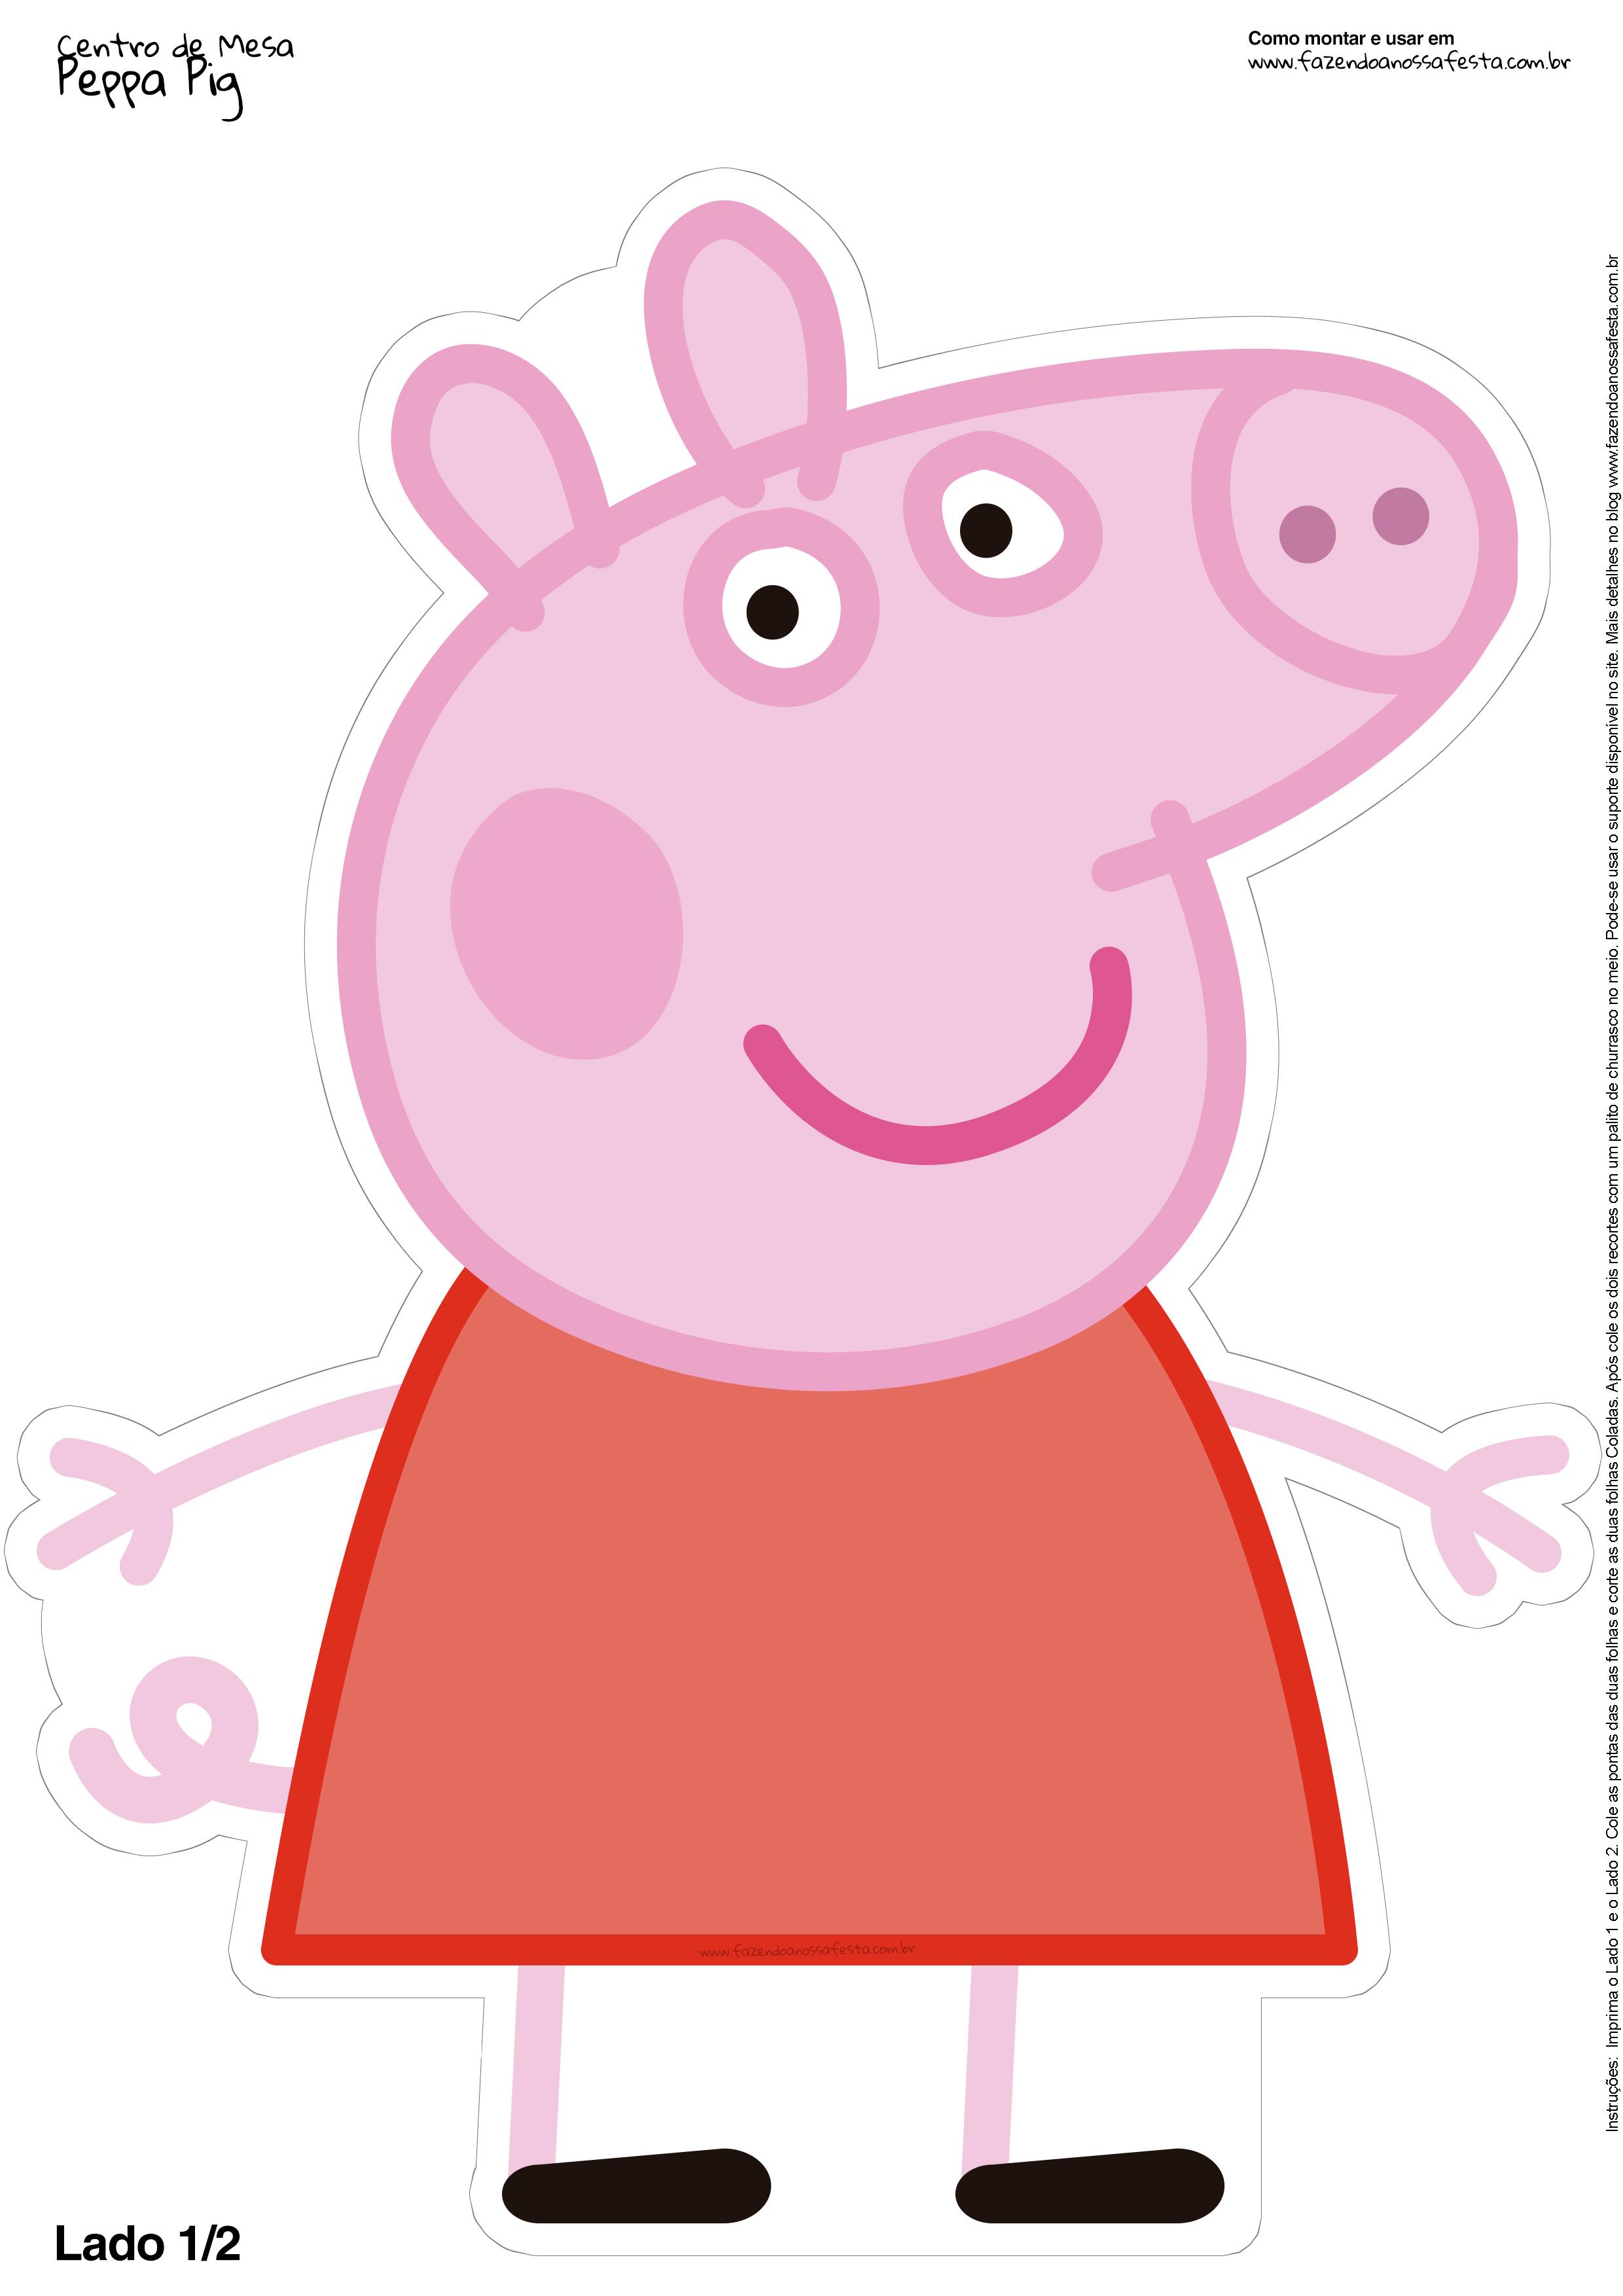 Porta-retrato da Peppa Pig